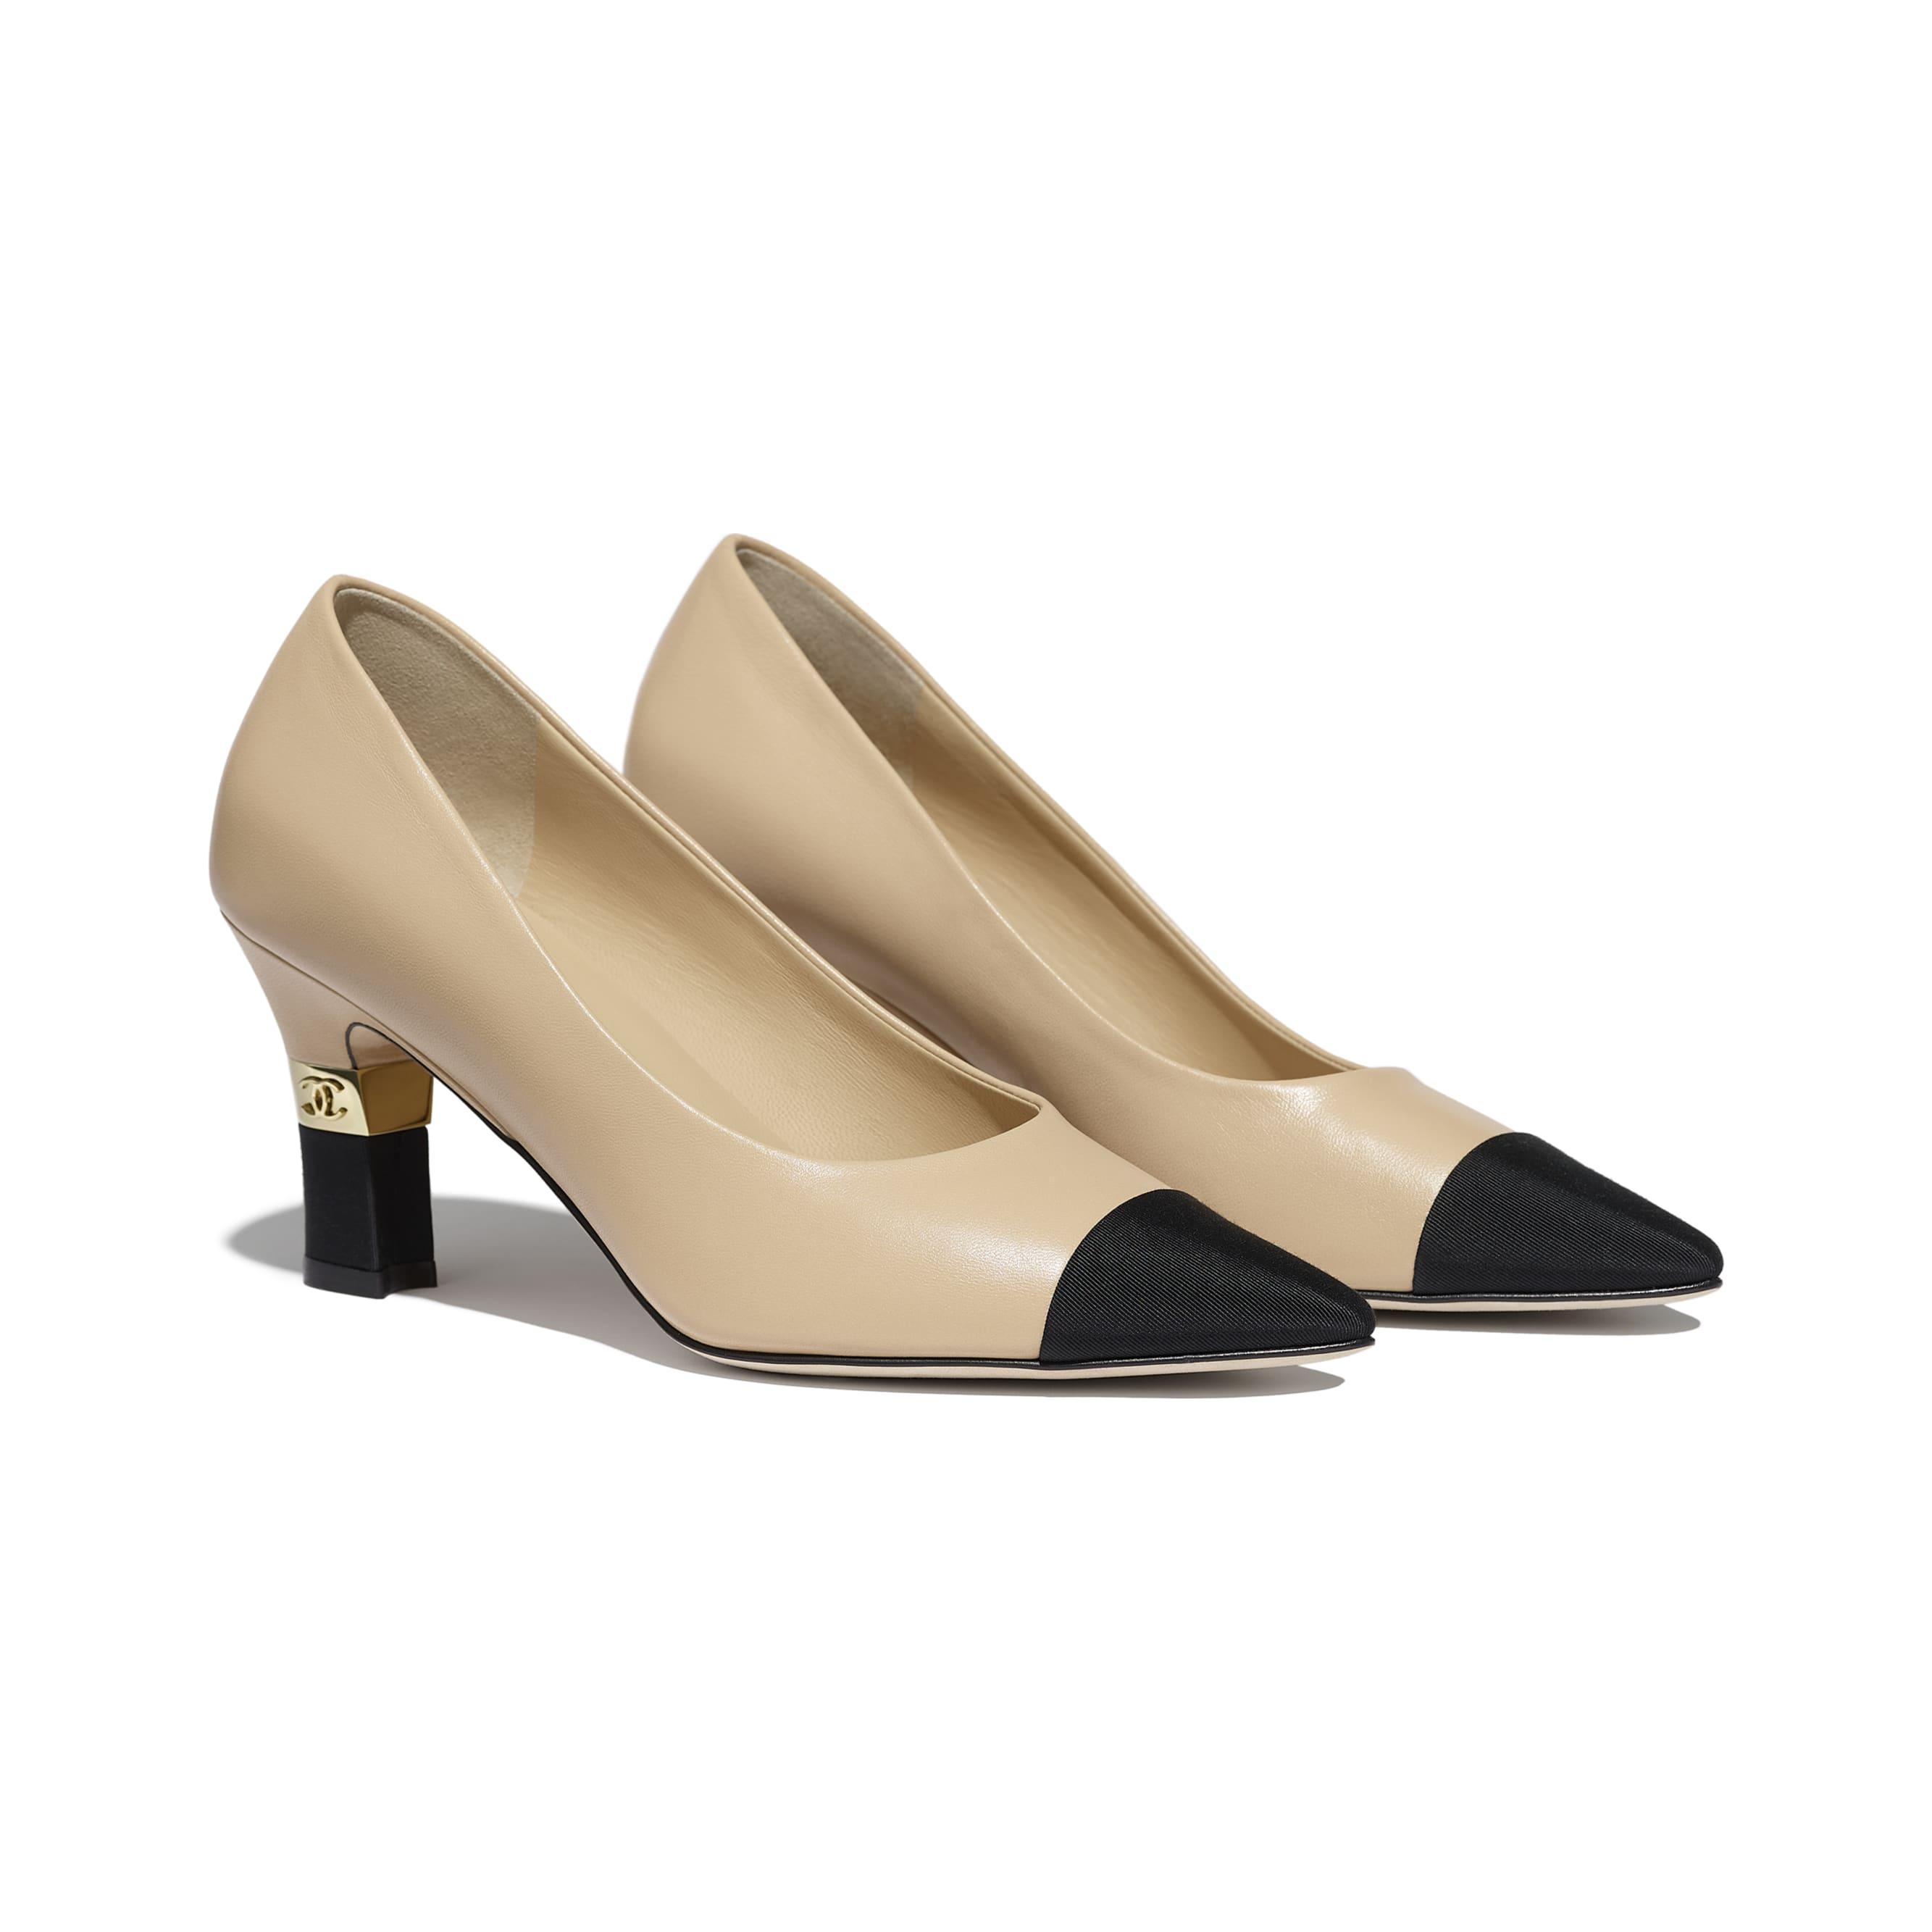 Туфли-лодочки - Бежевый и черный - Кожа ягненка и шелковая ткань - Альтернативный вид - посмотреть изображение стандартного размера